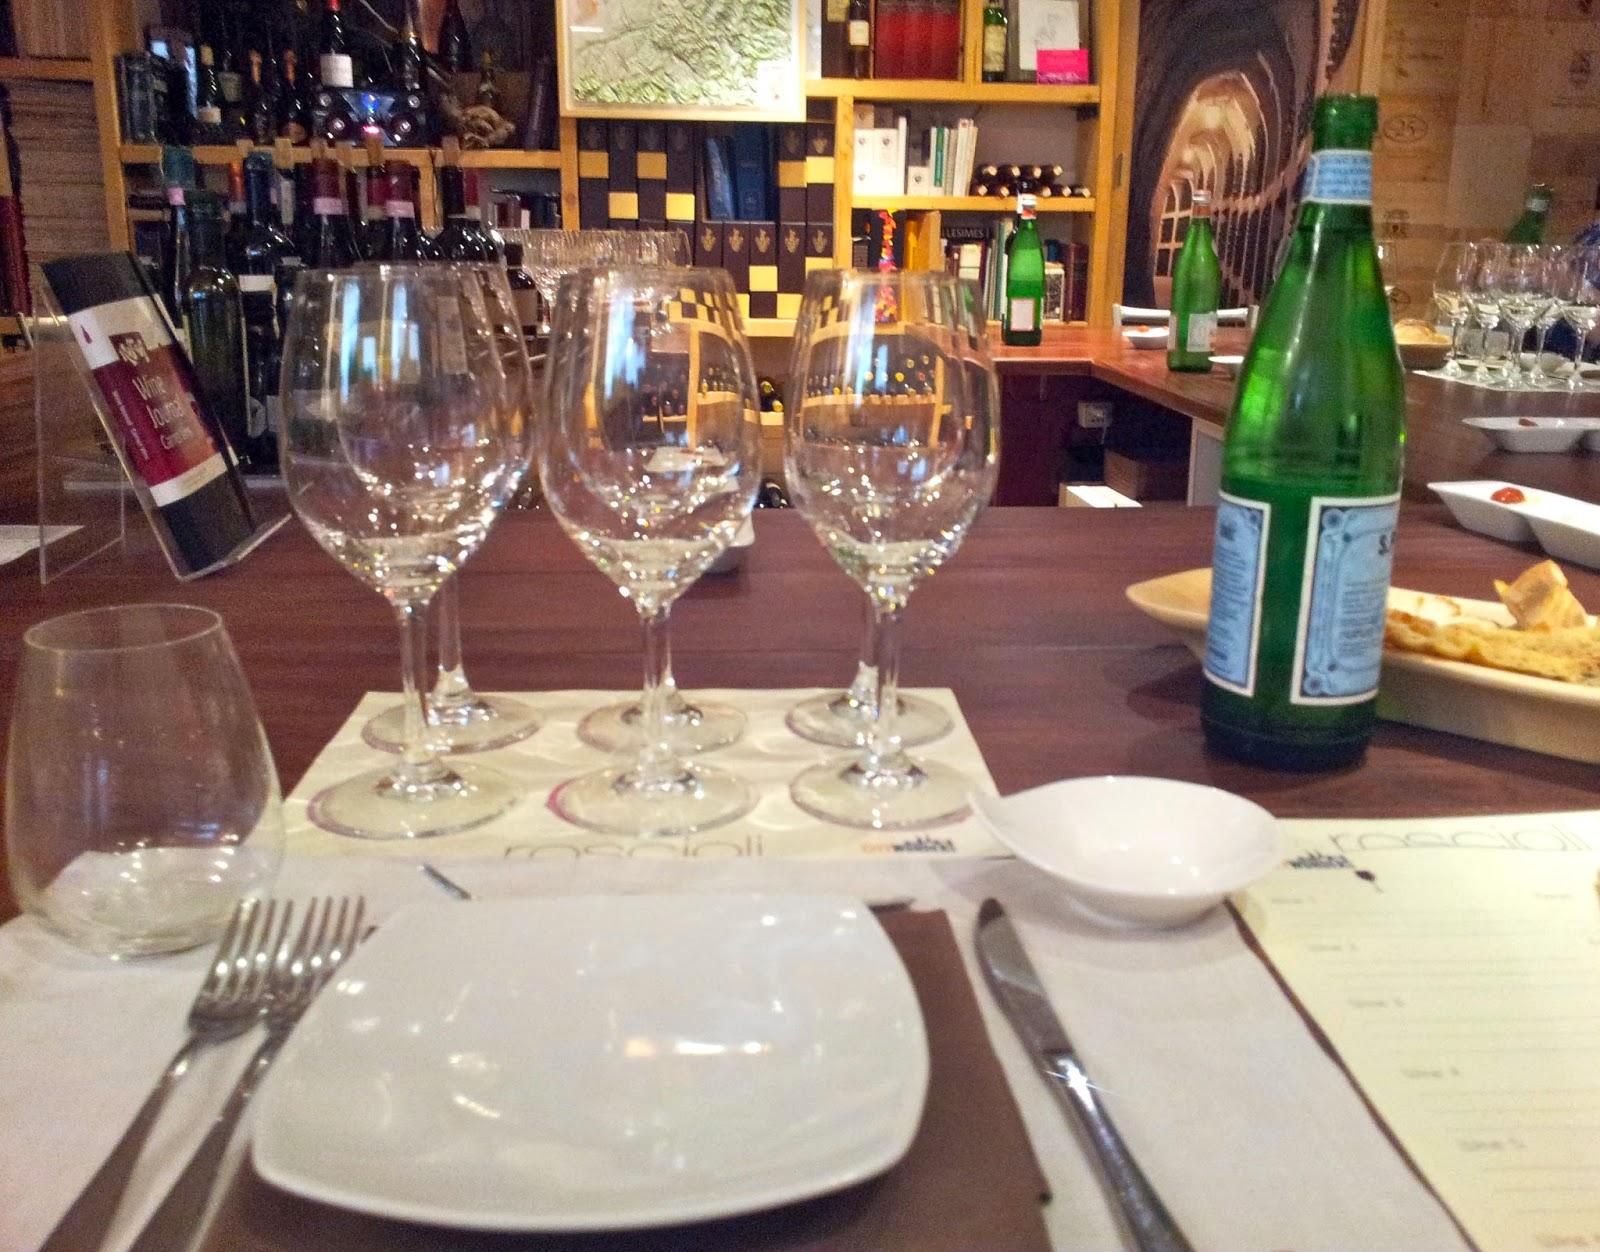 Tavolo apparecchiato per degustazione